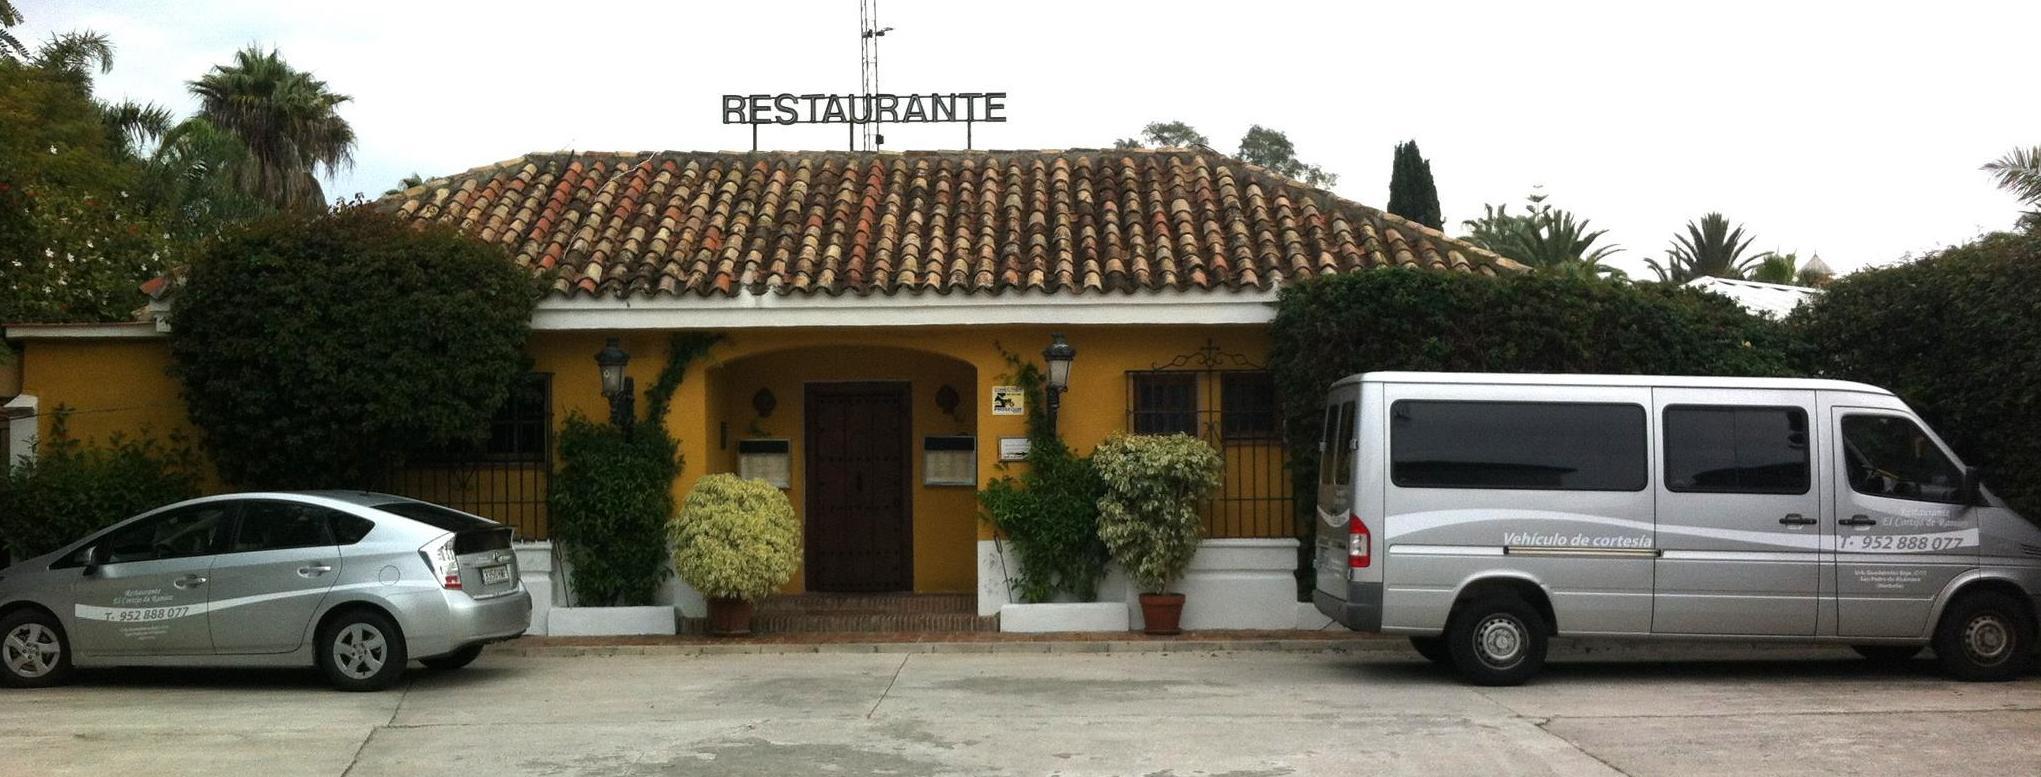 Restaurantes y servicio de cateríng para eventos en Marbella